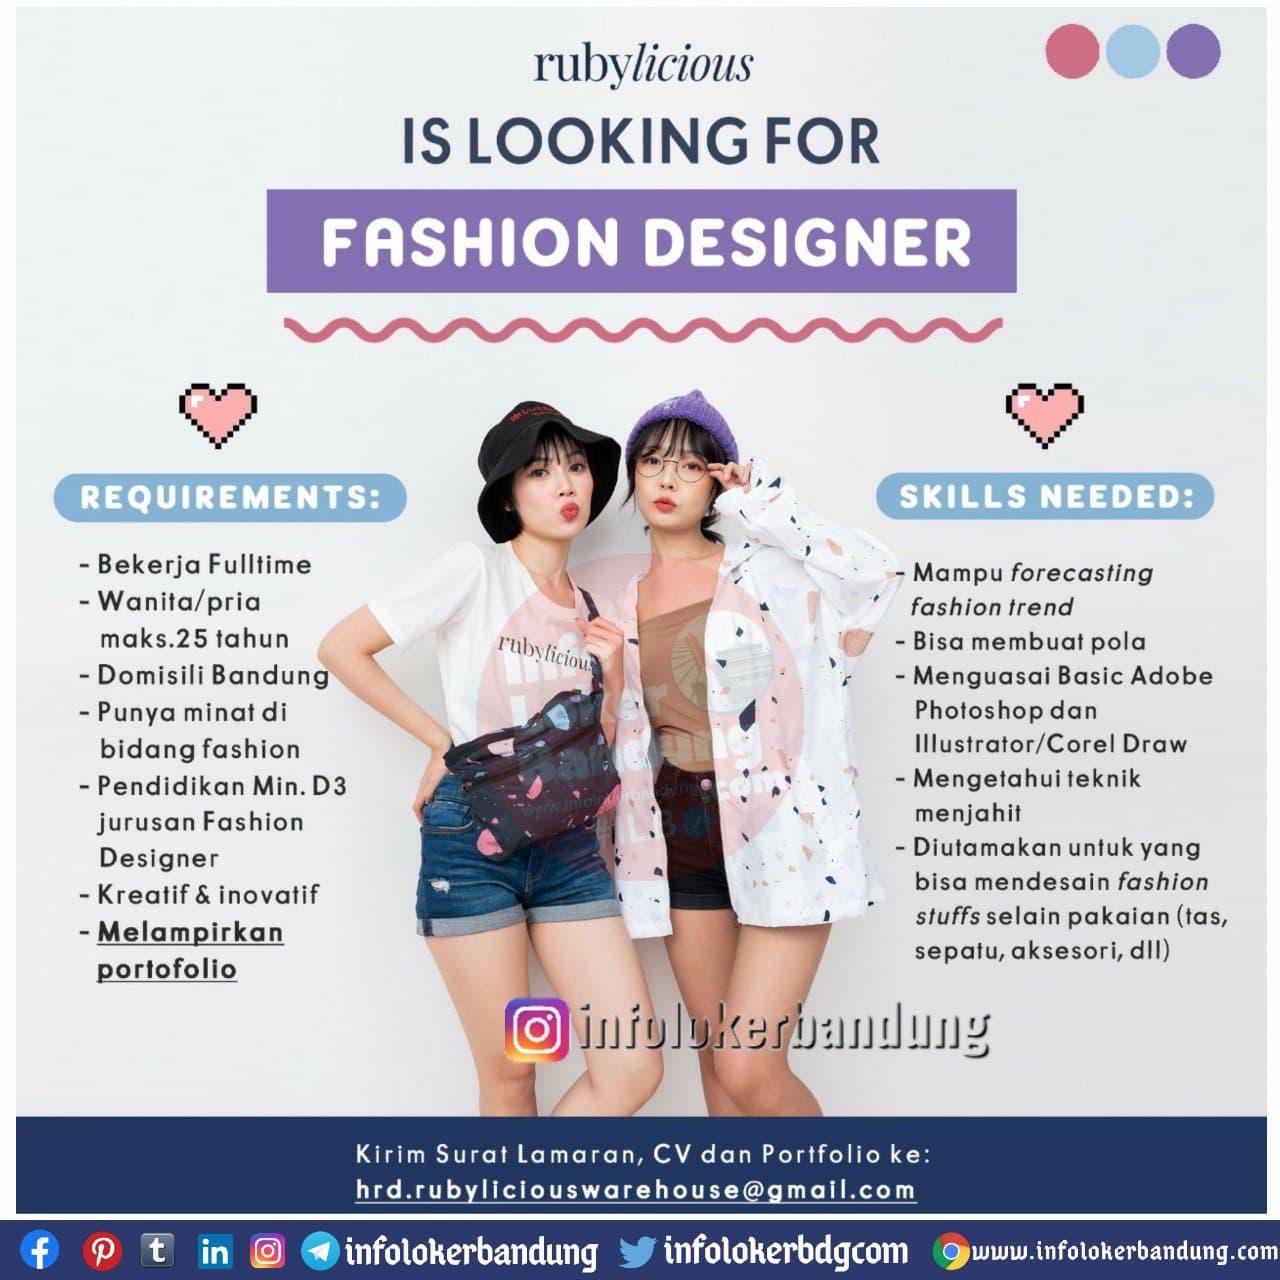 Lowongan Kerja Fashion Designer Rubylicious Bandung Desember 2020